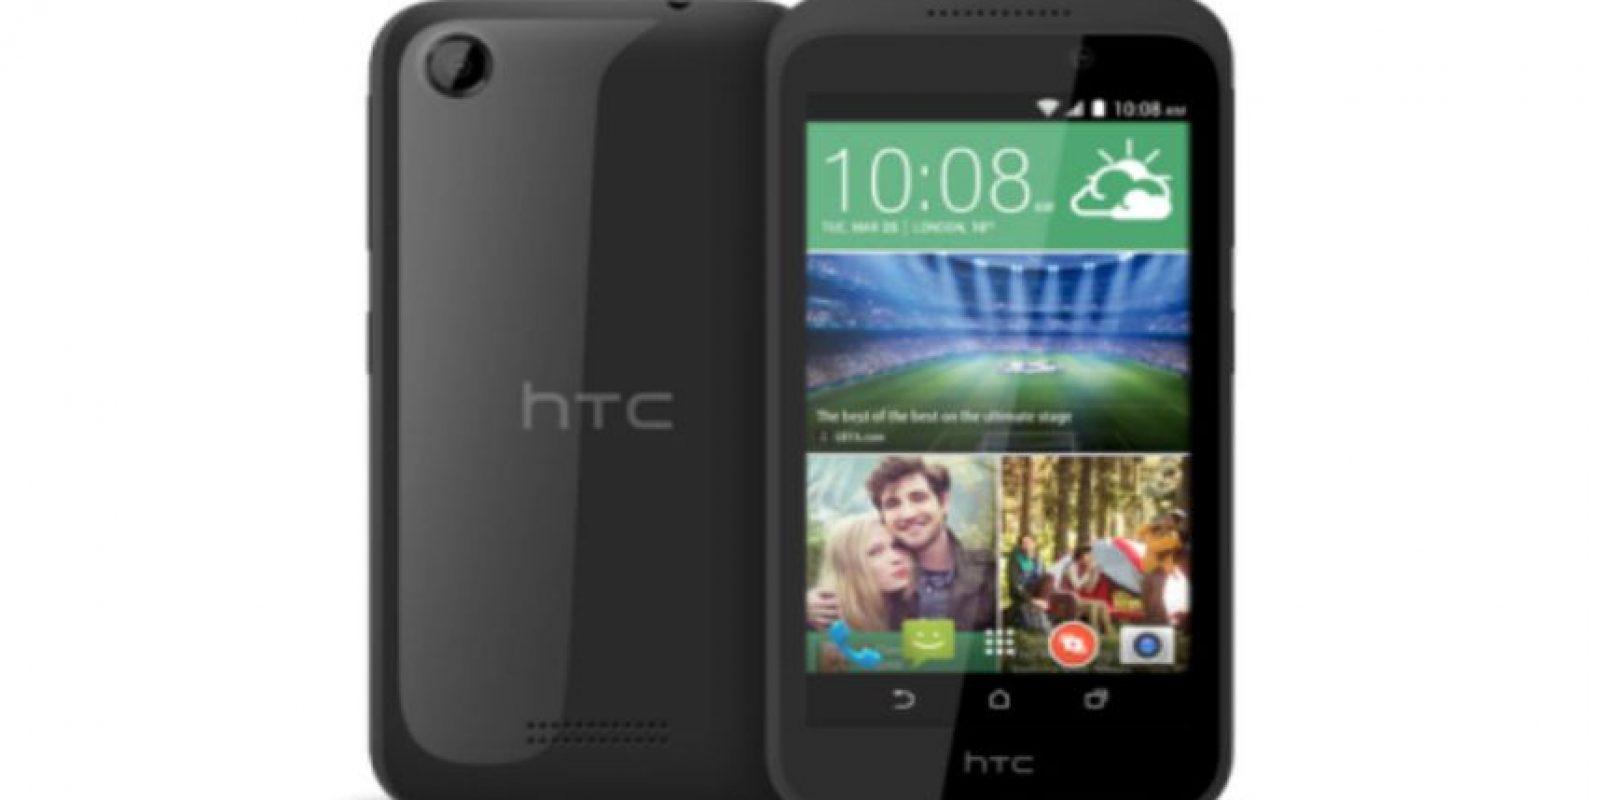 HTC Desire 320. Desde 109 dólares. Cuenta con pantalla de 4.5 pulgadas (11 centímetros) y cámara de 5 megapíxeles Foto:htc